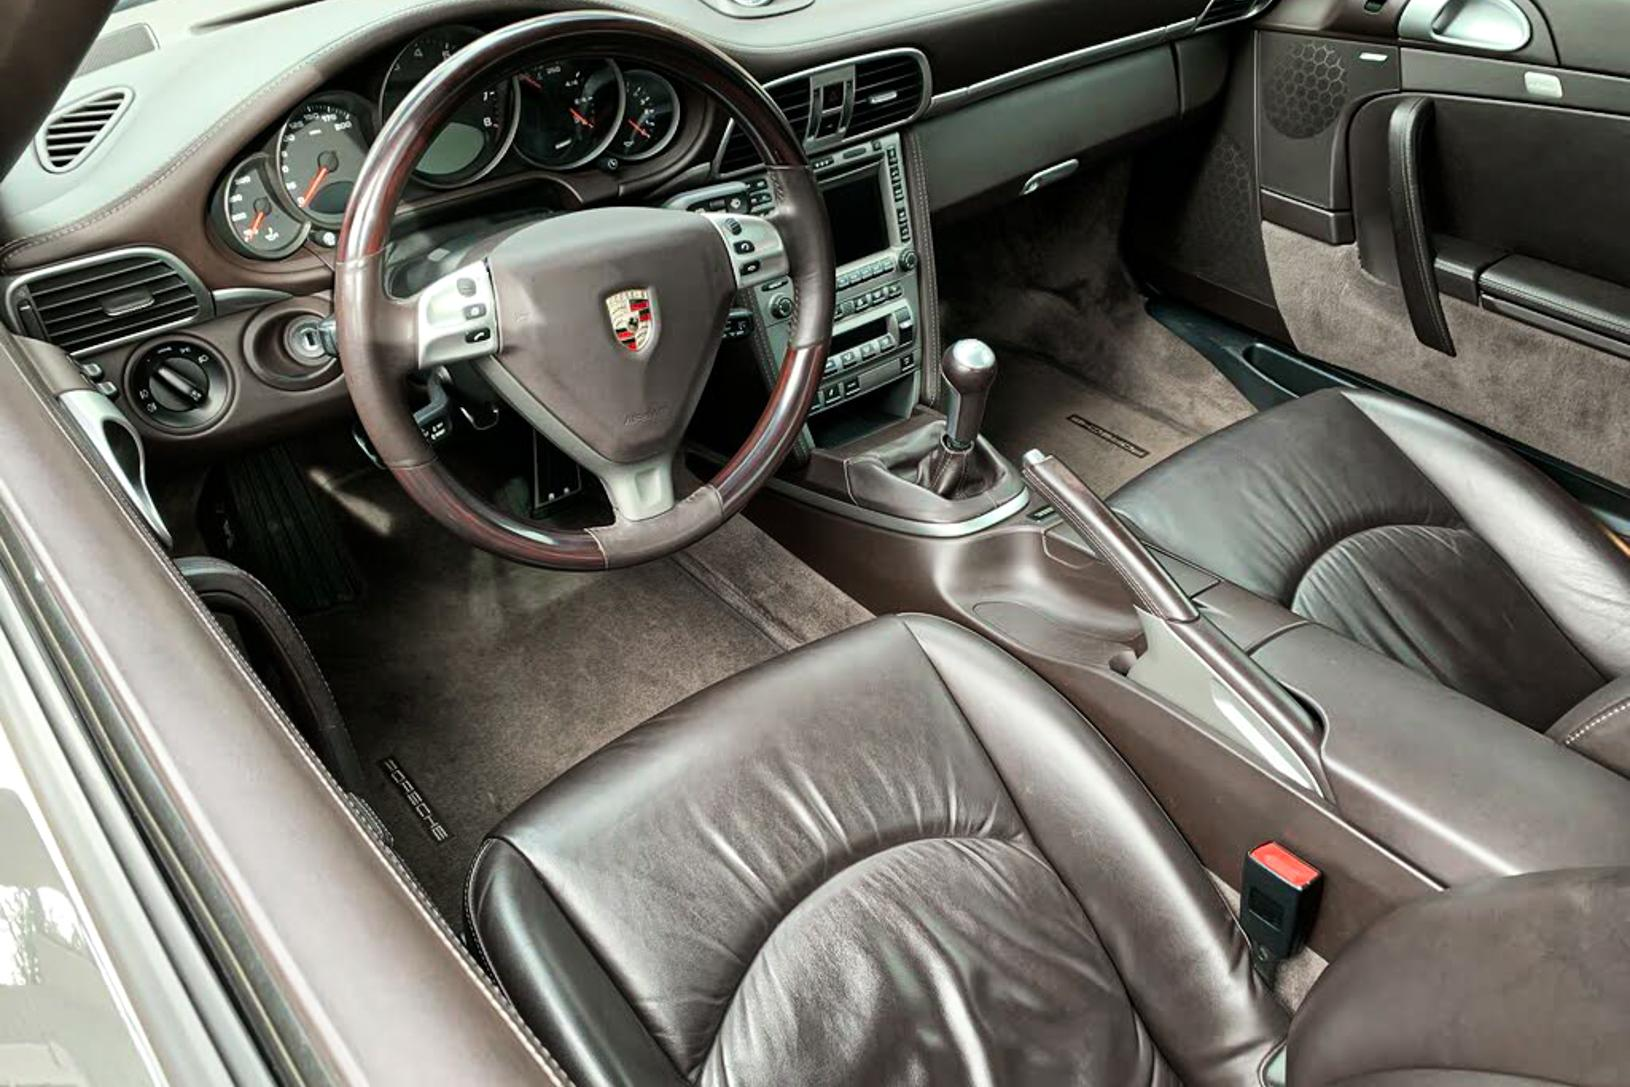 2008 Porsche 911 C4S